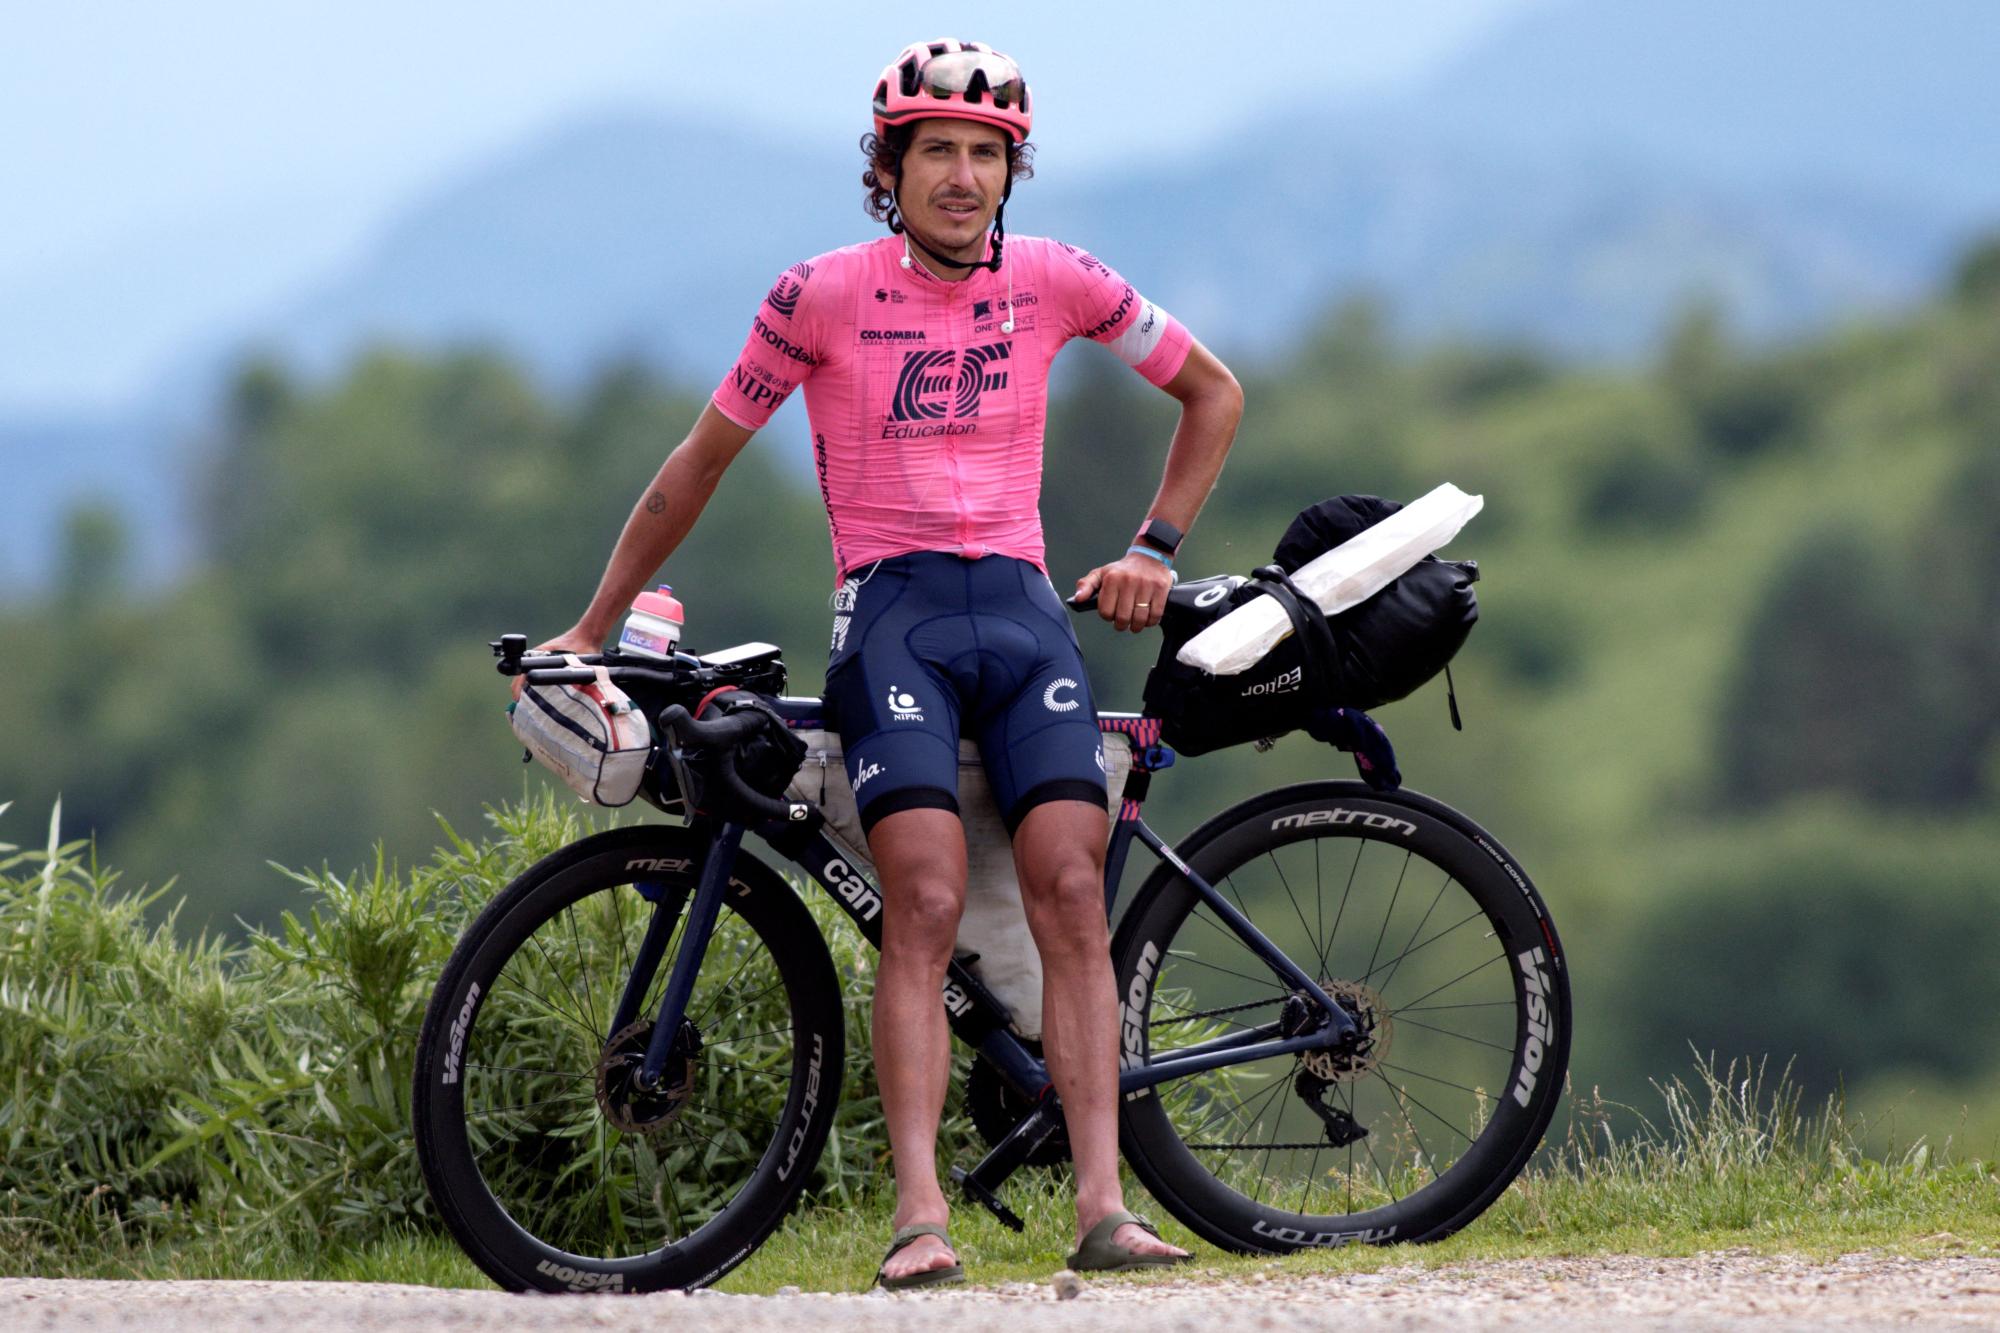 Así es como puedes ganar la bicicleta del Tour de Francia en solitario de Lachlan Morton